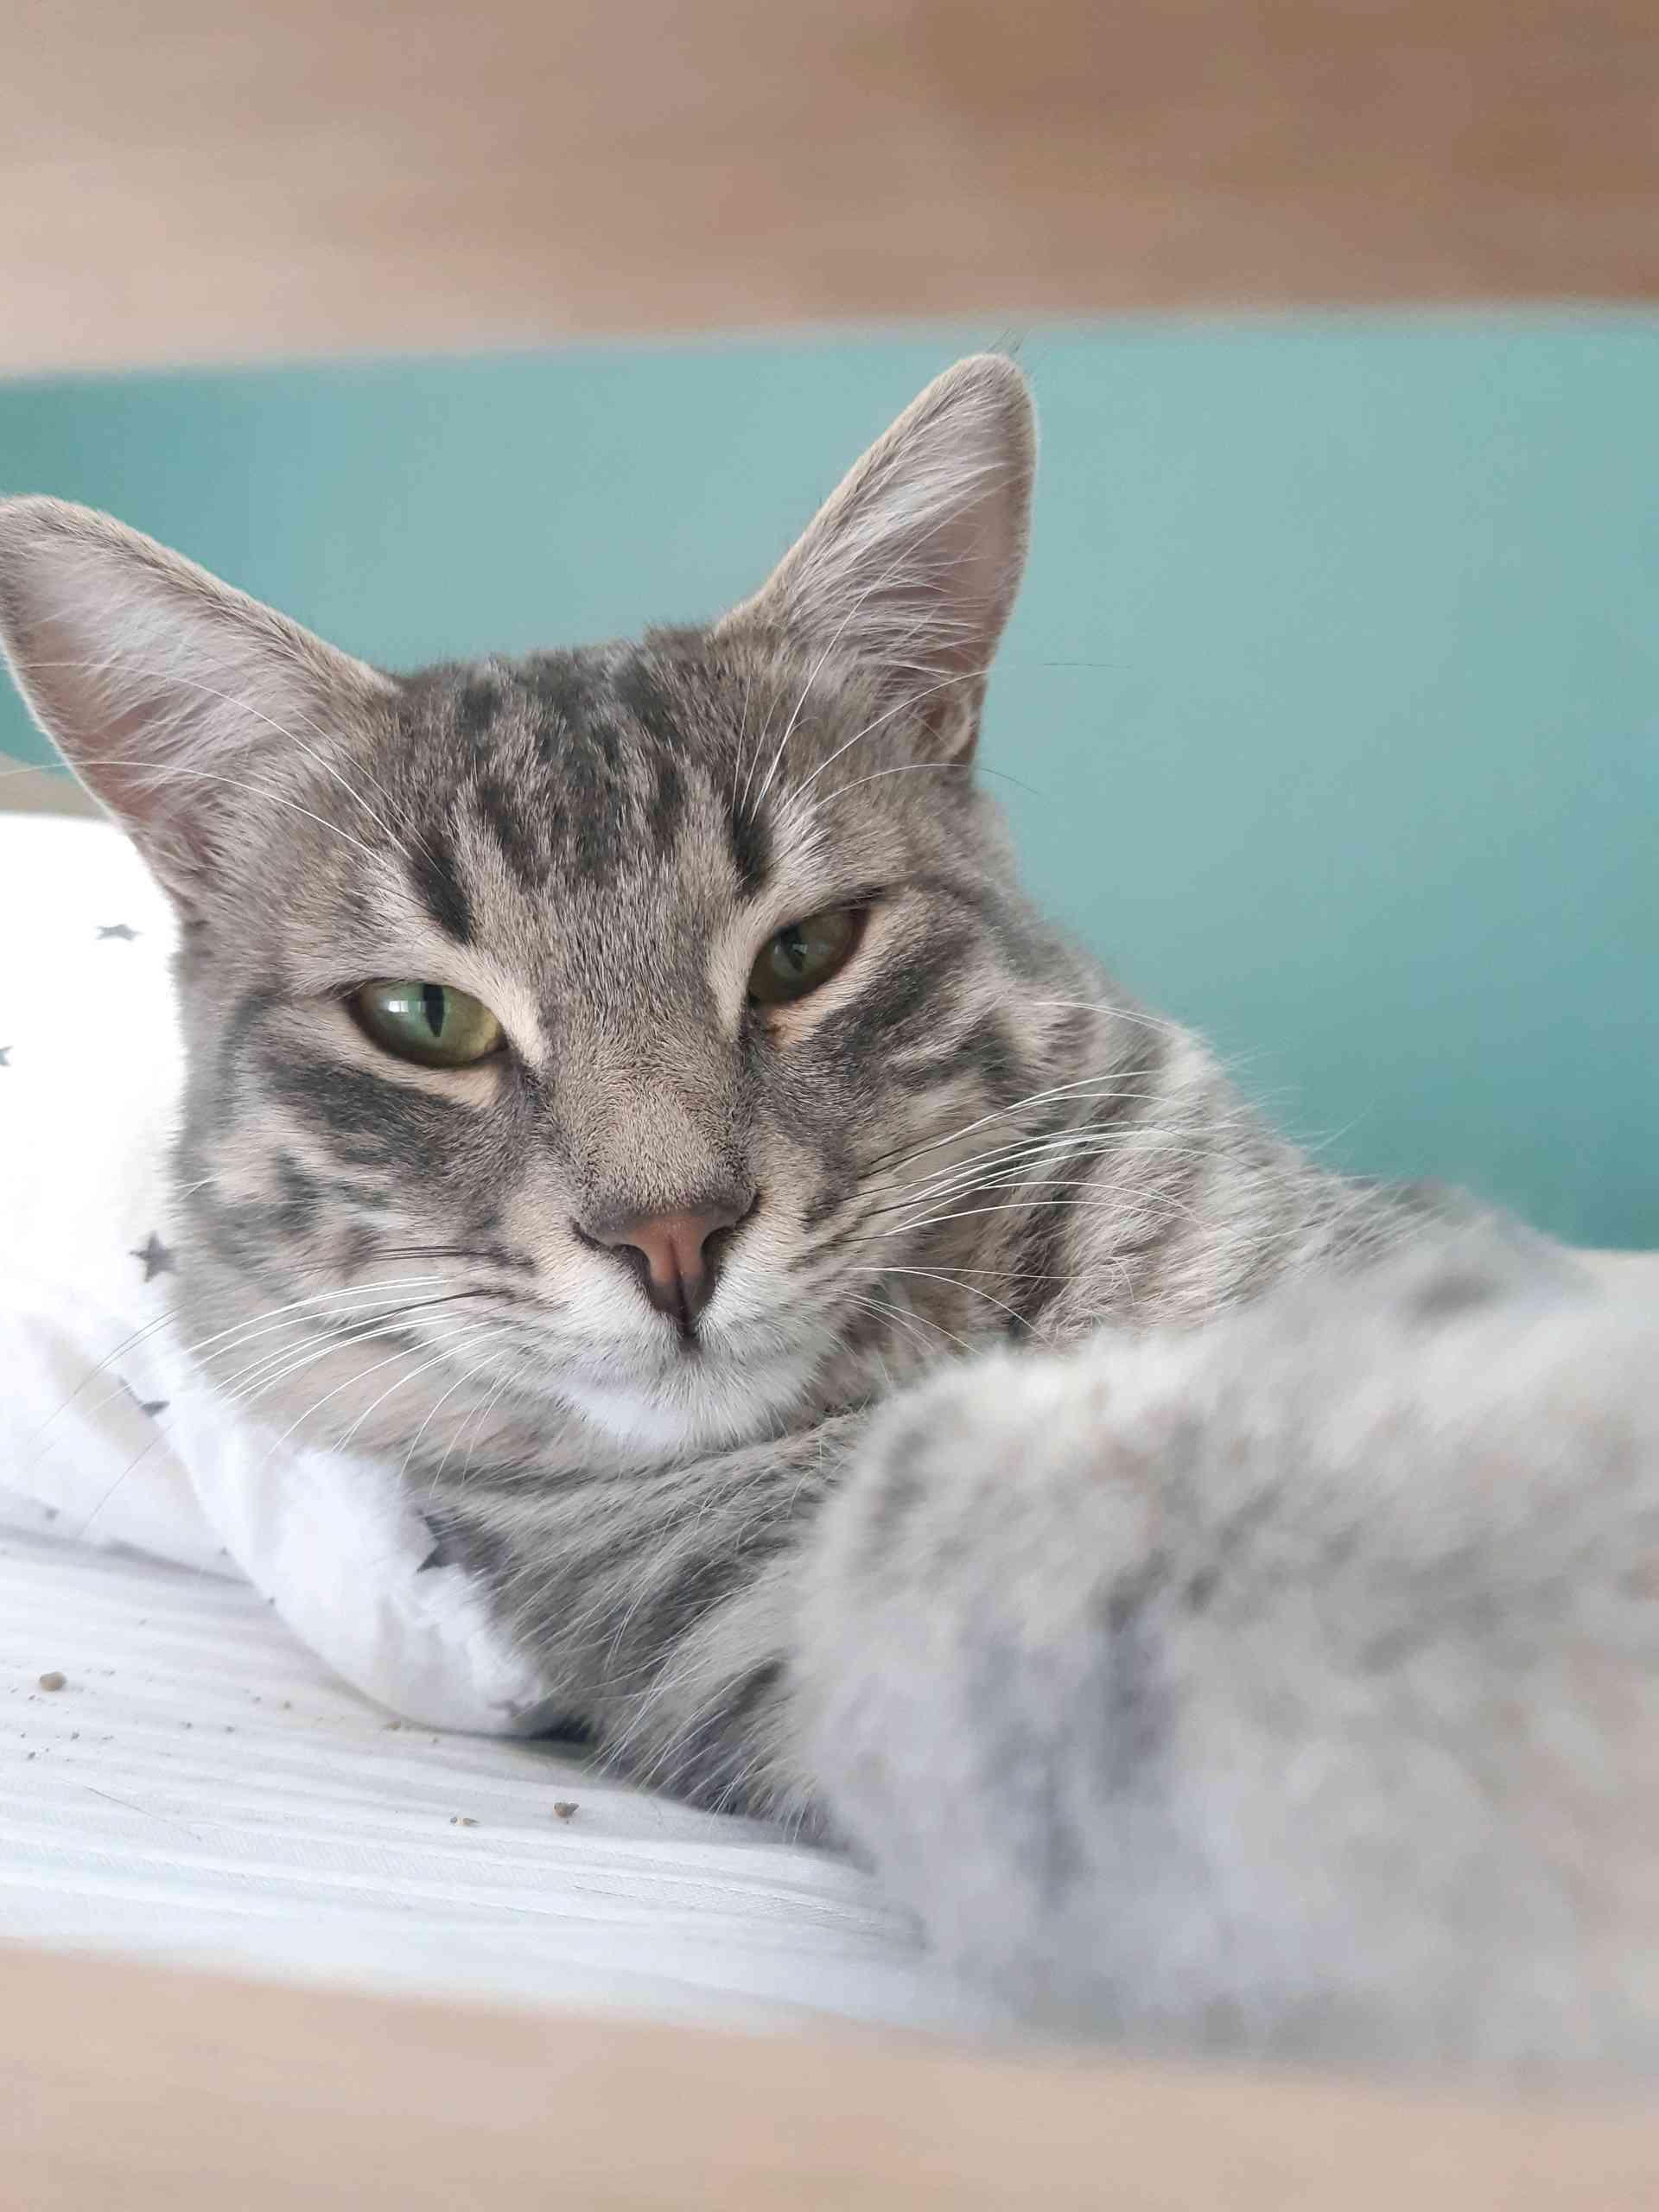 Konya Selçuklu'da Yeşil gözlü Gri Tekir Kedim kayboldu!